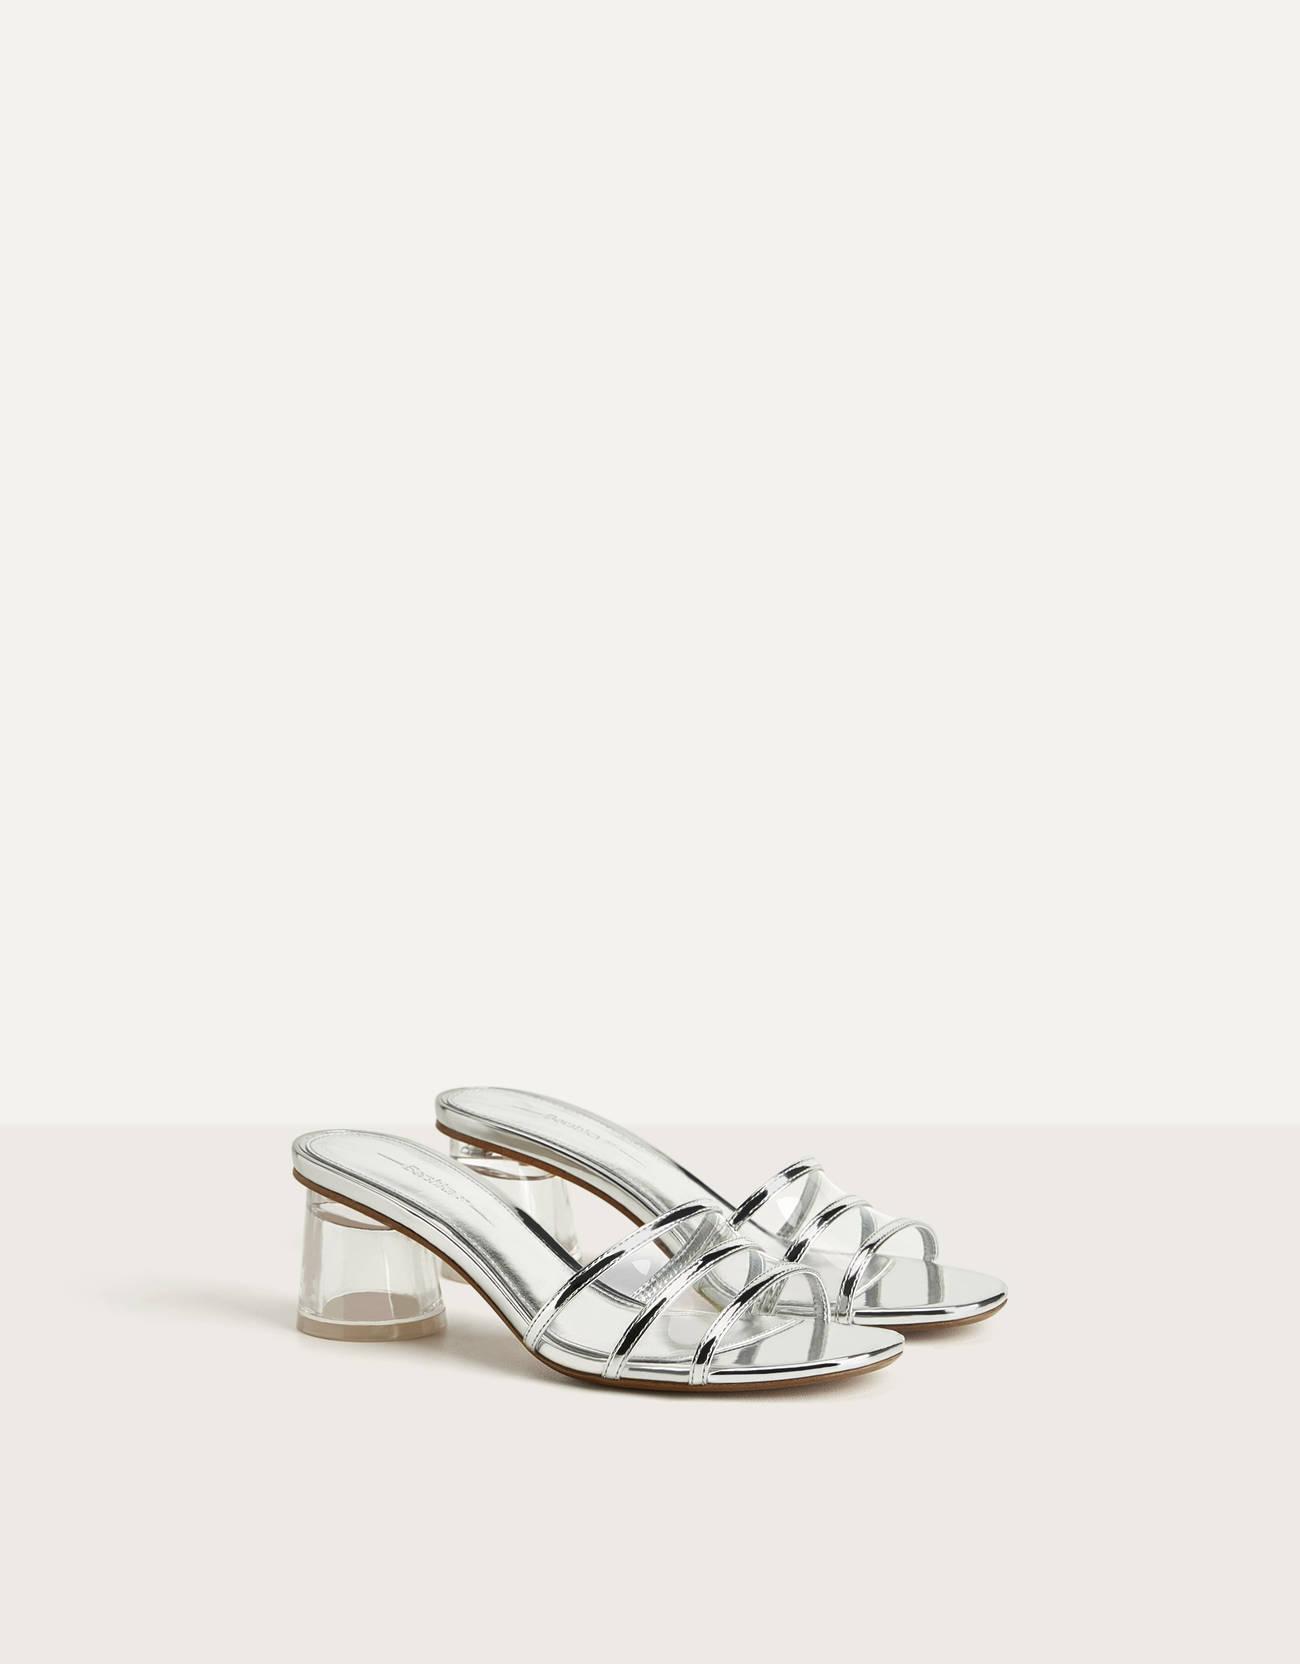 Sandalias de tacón ancho transparente y vinilo